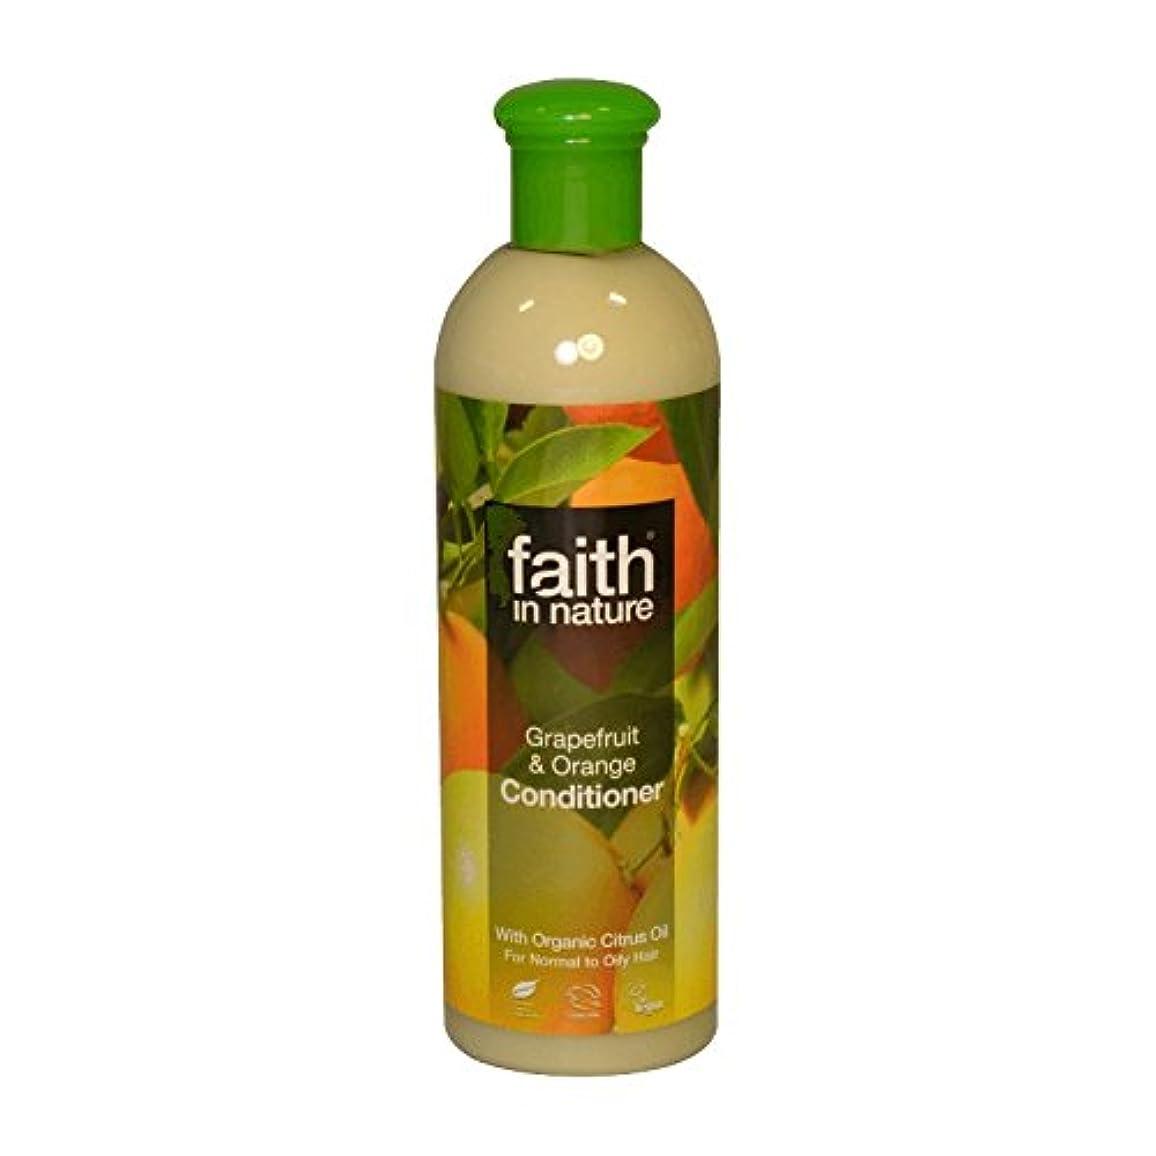 持っているうぬぼれた命令的Faith in Nature Grapefruit & Orange Conditioner 400ml (Pack of 2) - 自然グレープフルーツ&オレンジコンディショナー400ミリリットルの信仰 (x2) [並行輸入品]